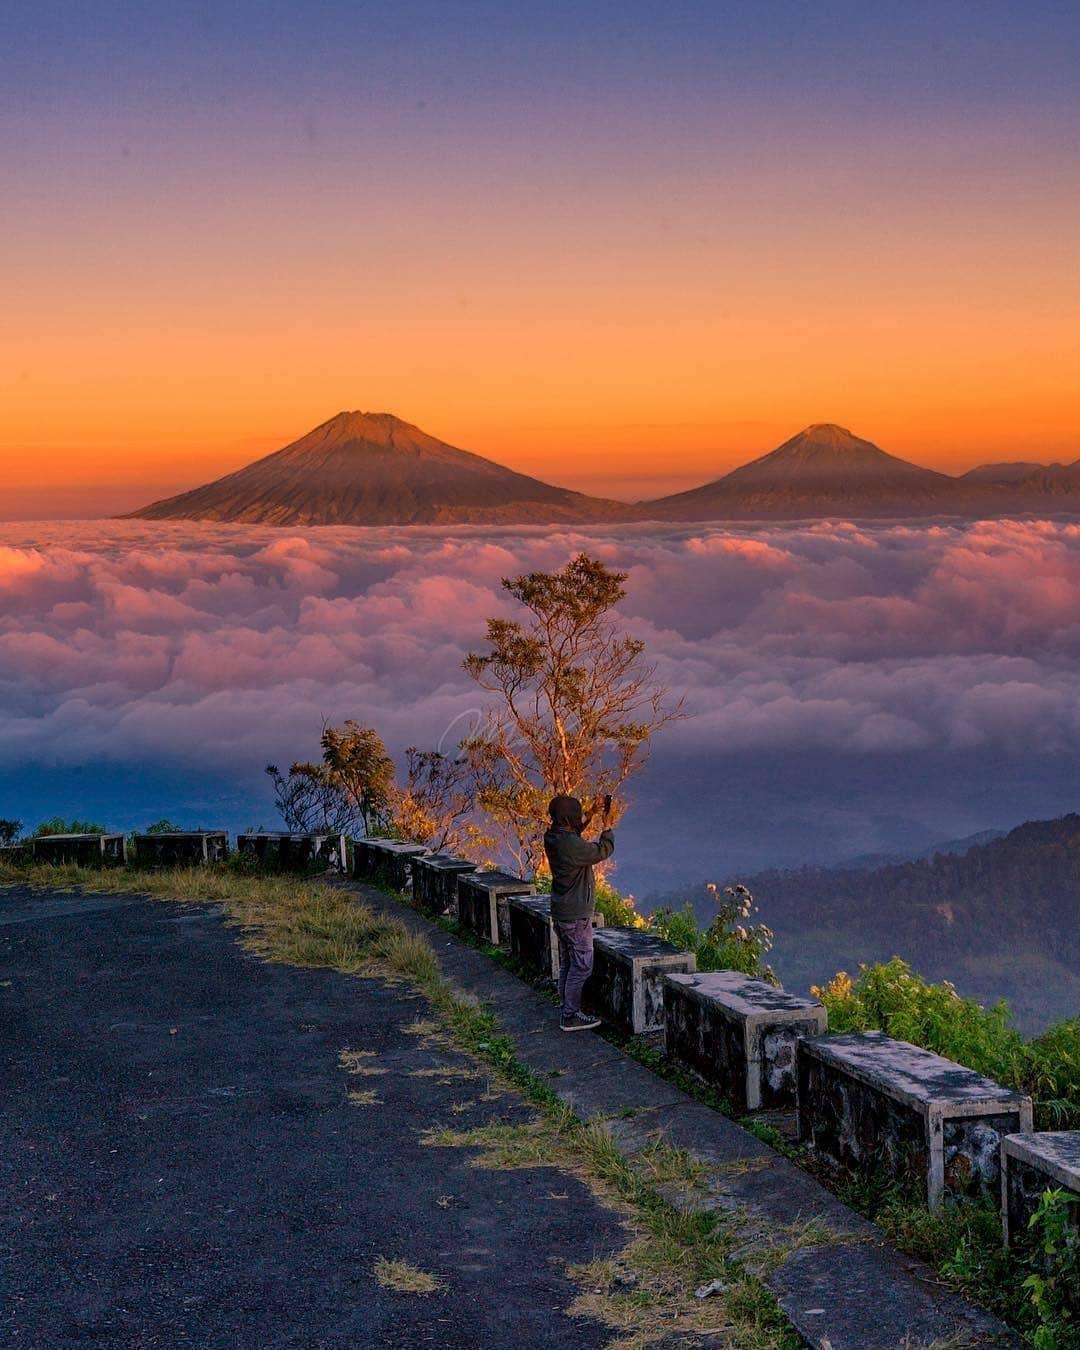 Tempat Wisata Di Magelang Paling Rekomended Terbaru #2020